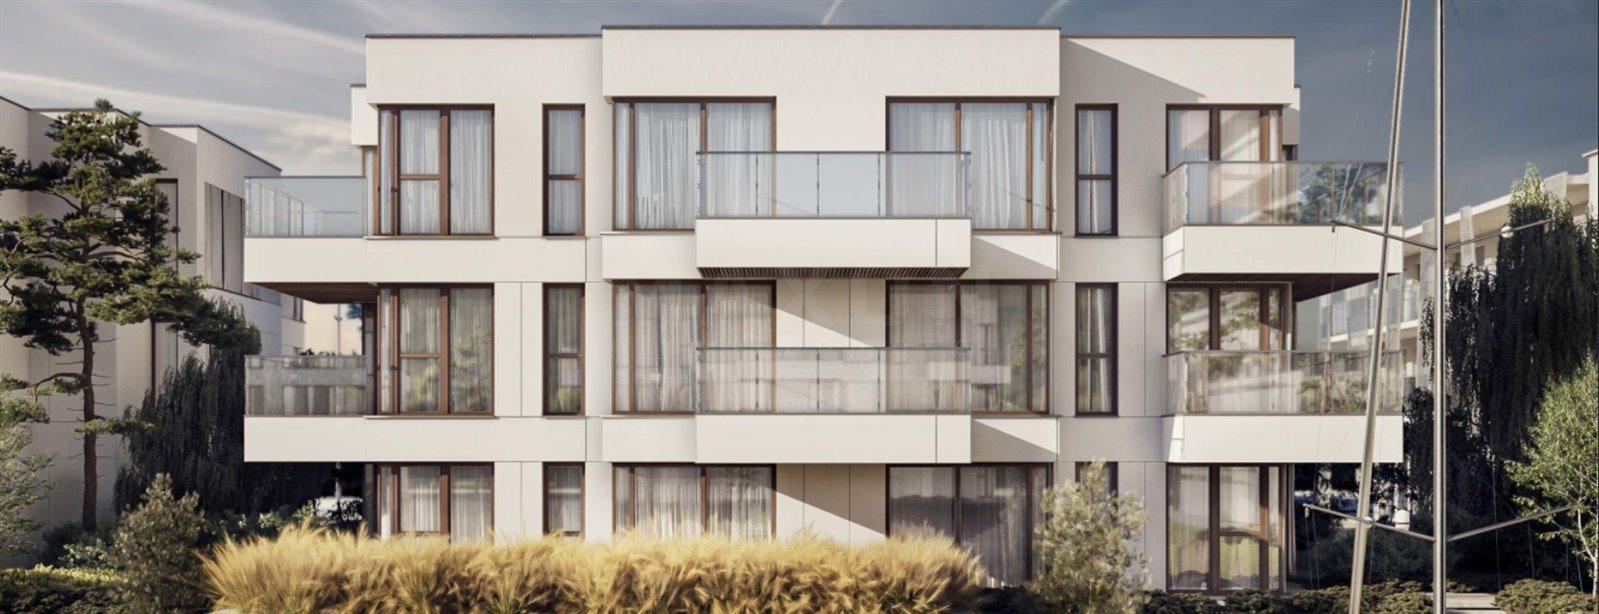 Mieszkanie dwupokojowe na sprzedaż Gdańsk, ul. Nadwiślańska  39m2 Foto 10